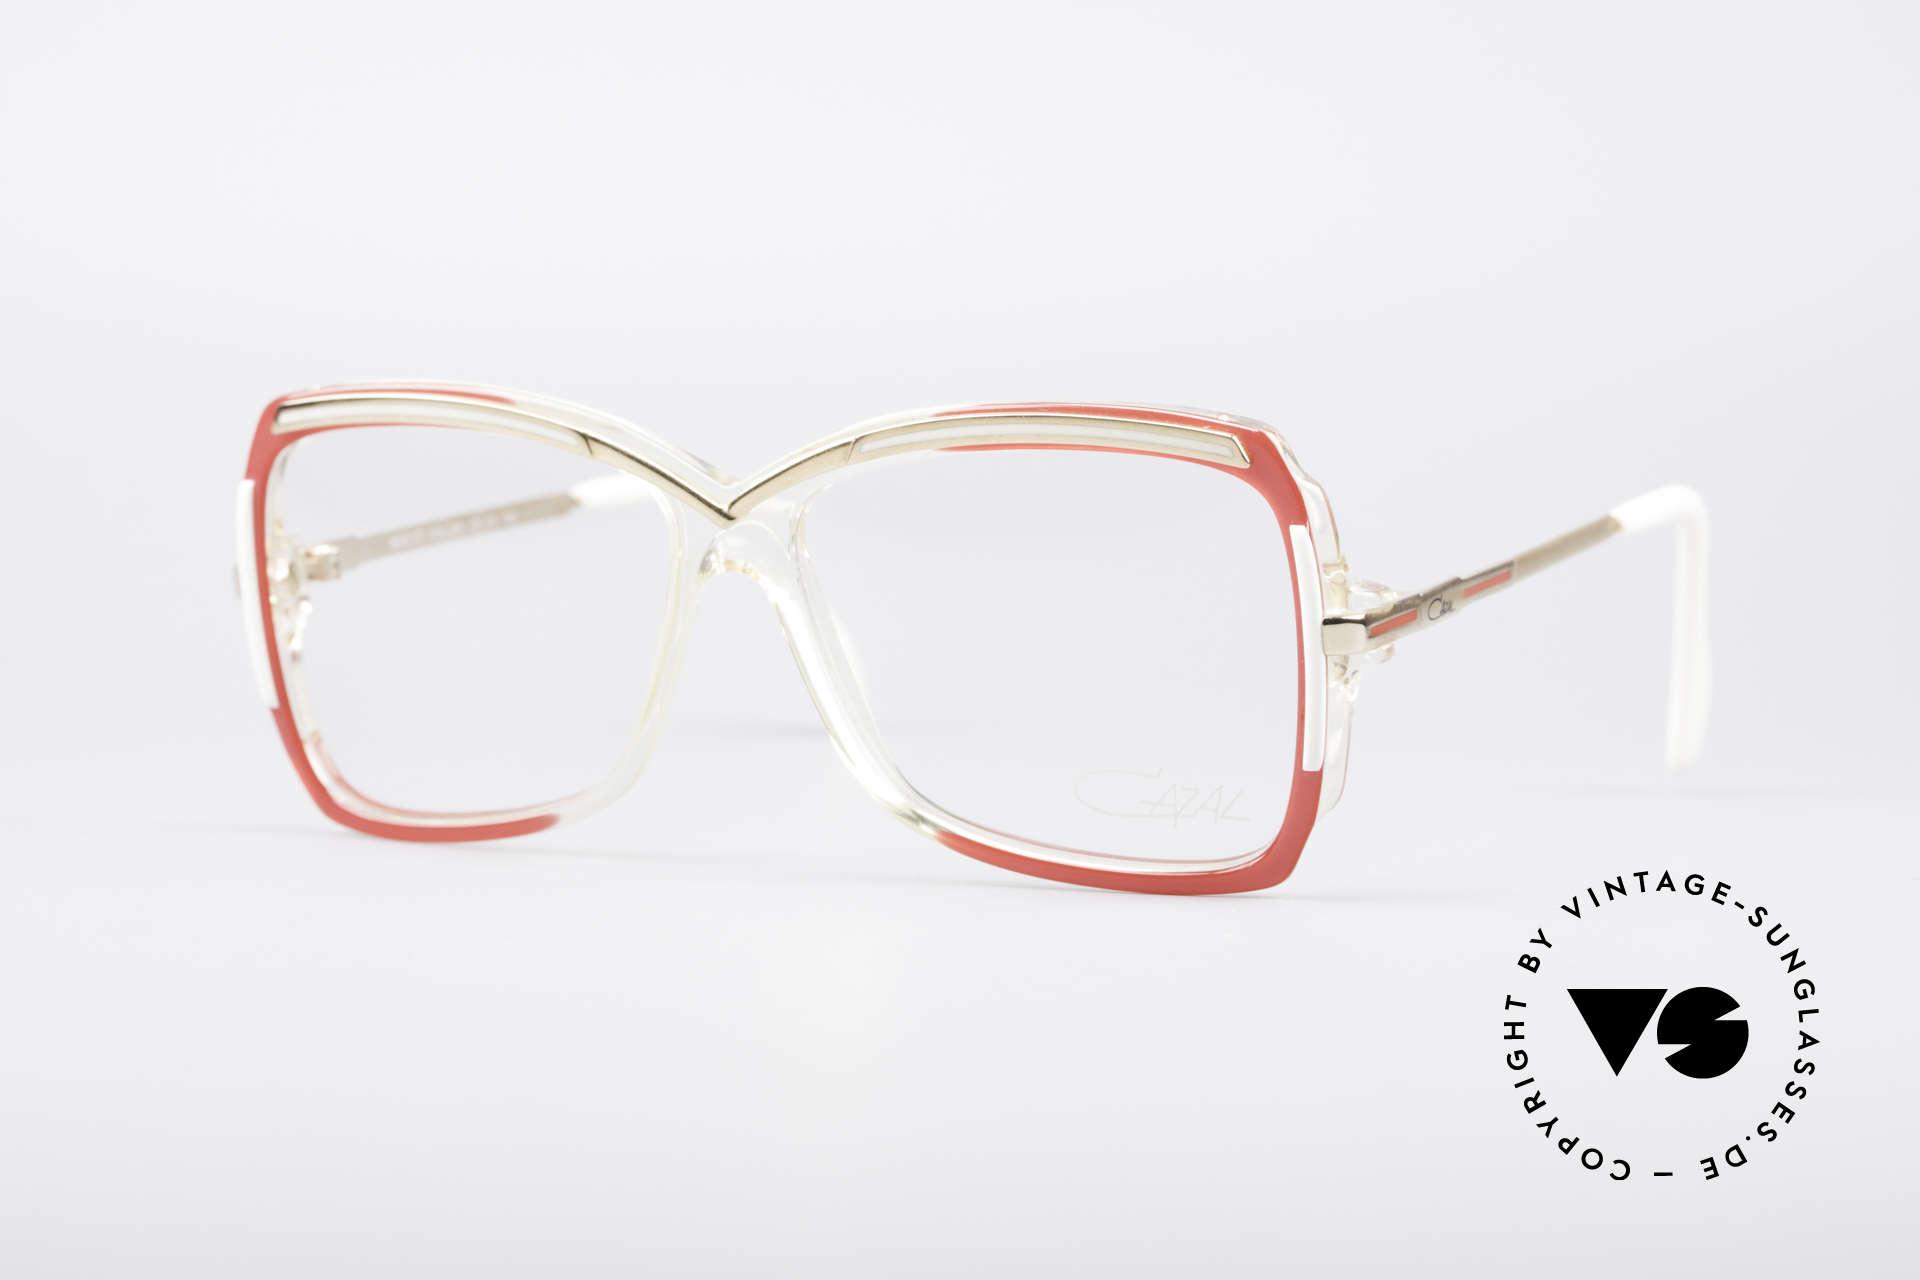 Cazal 177 80's Designer Glasses, fabulous CAZAL eyeglasses for women from 1987, Made for Women